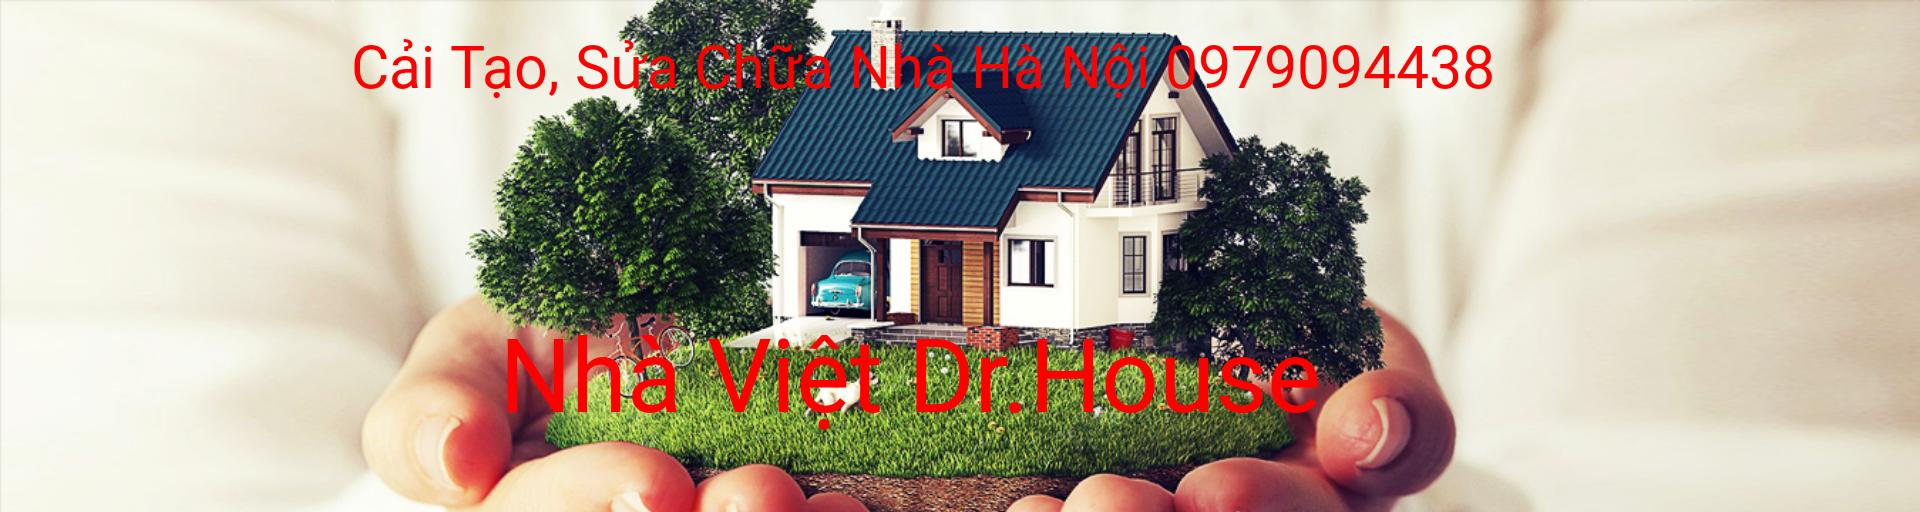 Xây Dựng Nhà Việt Drhouse